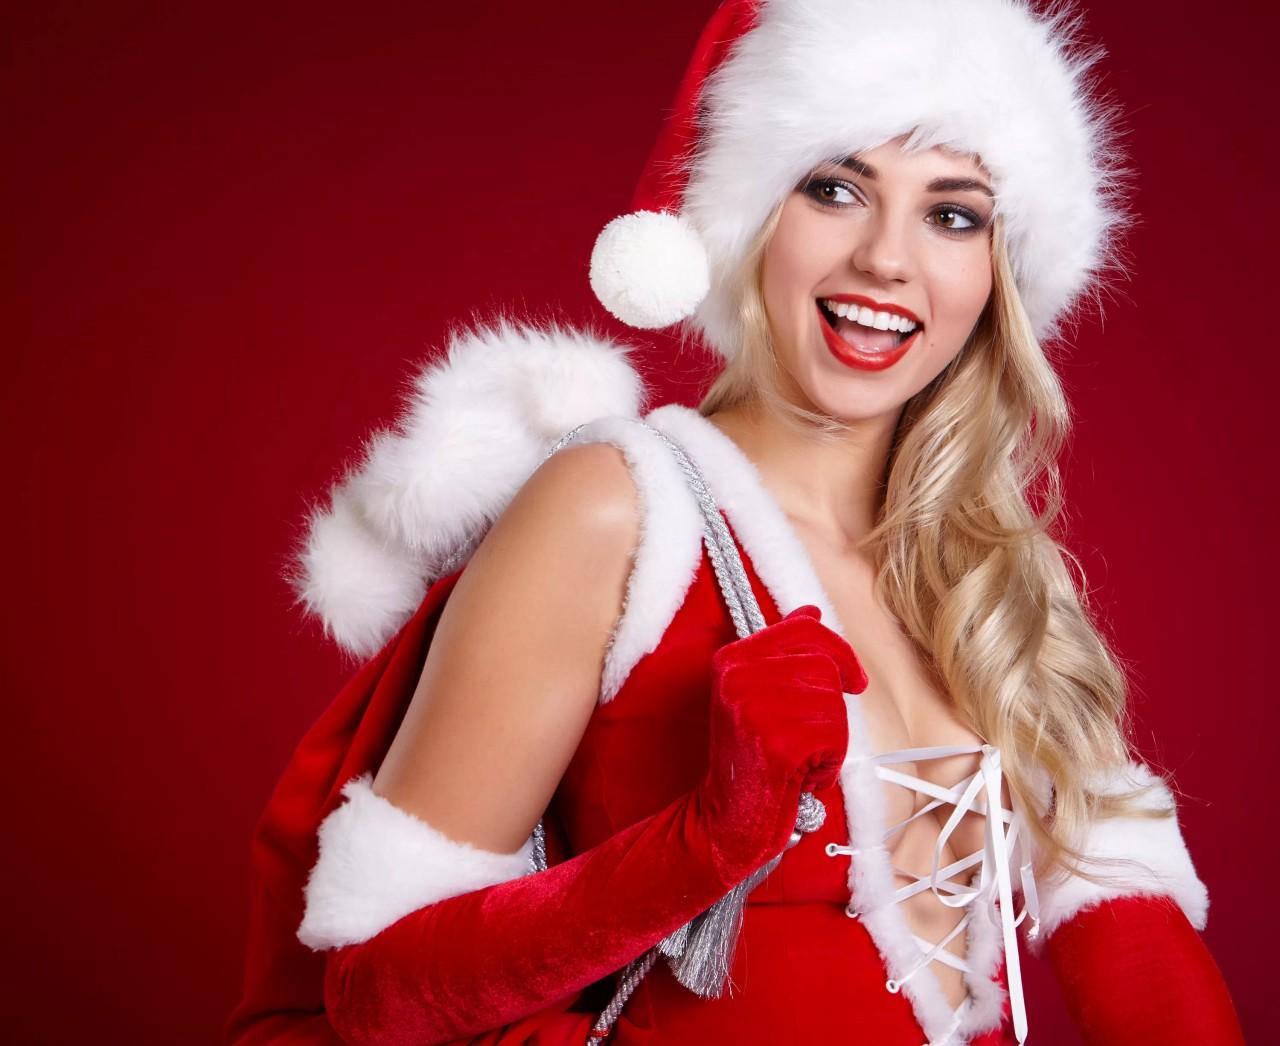 Фото красивых девушек в костюме снегурочки